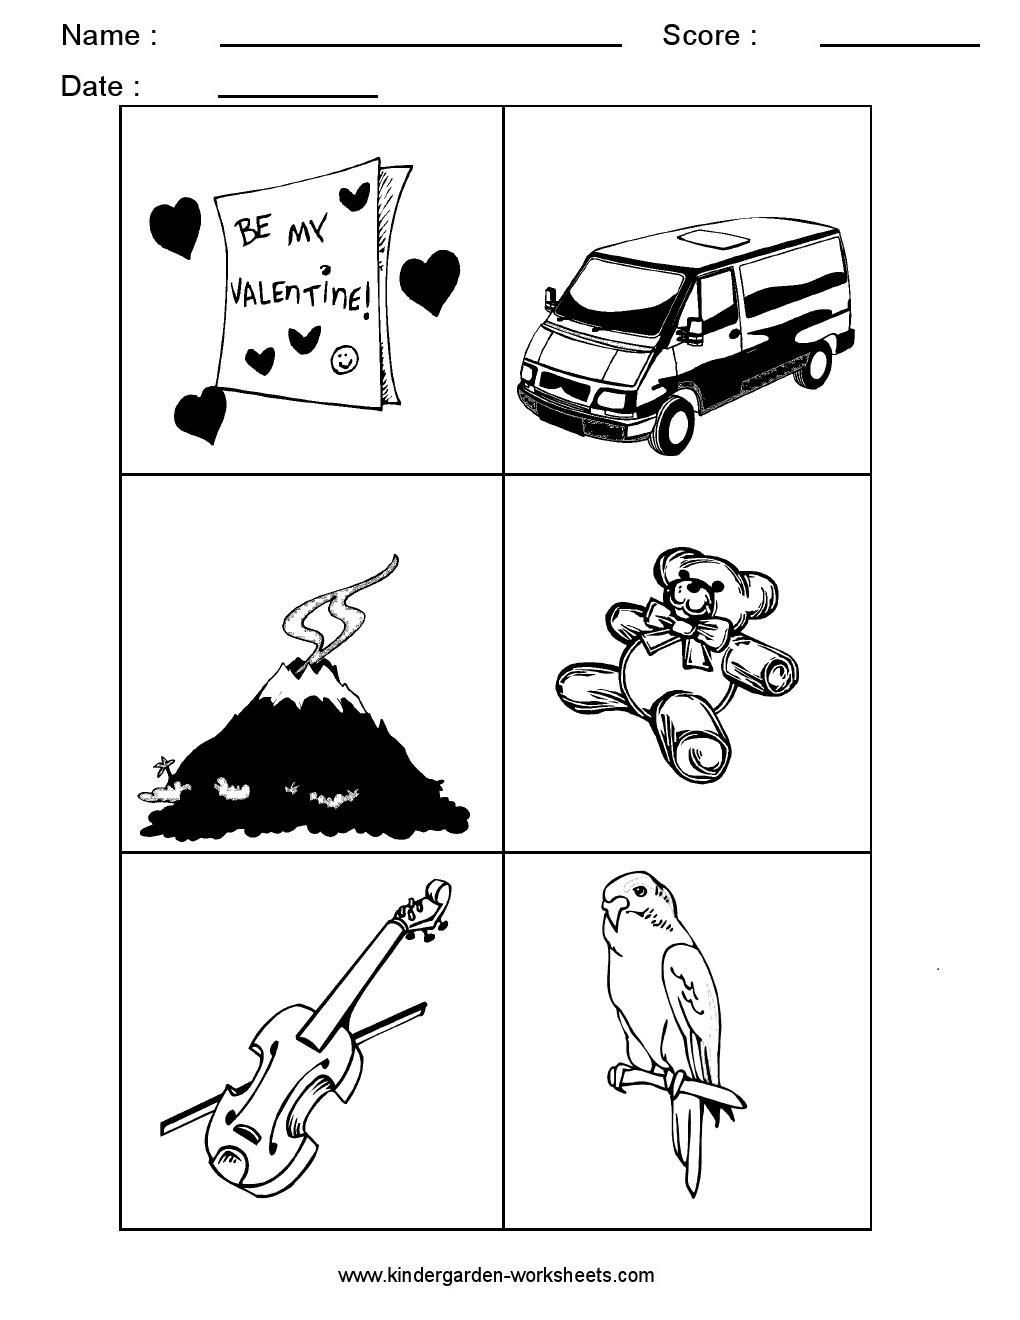 kindergarten worksheets alphabet picture cards alphabet sorting letter v. Black Bedroom Furniture Sets. Home Design Ideas